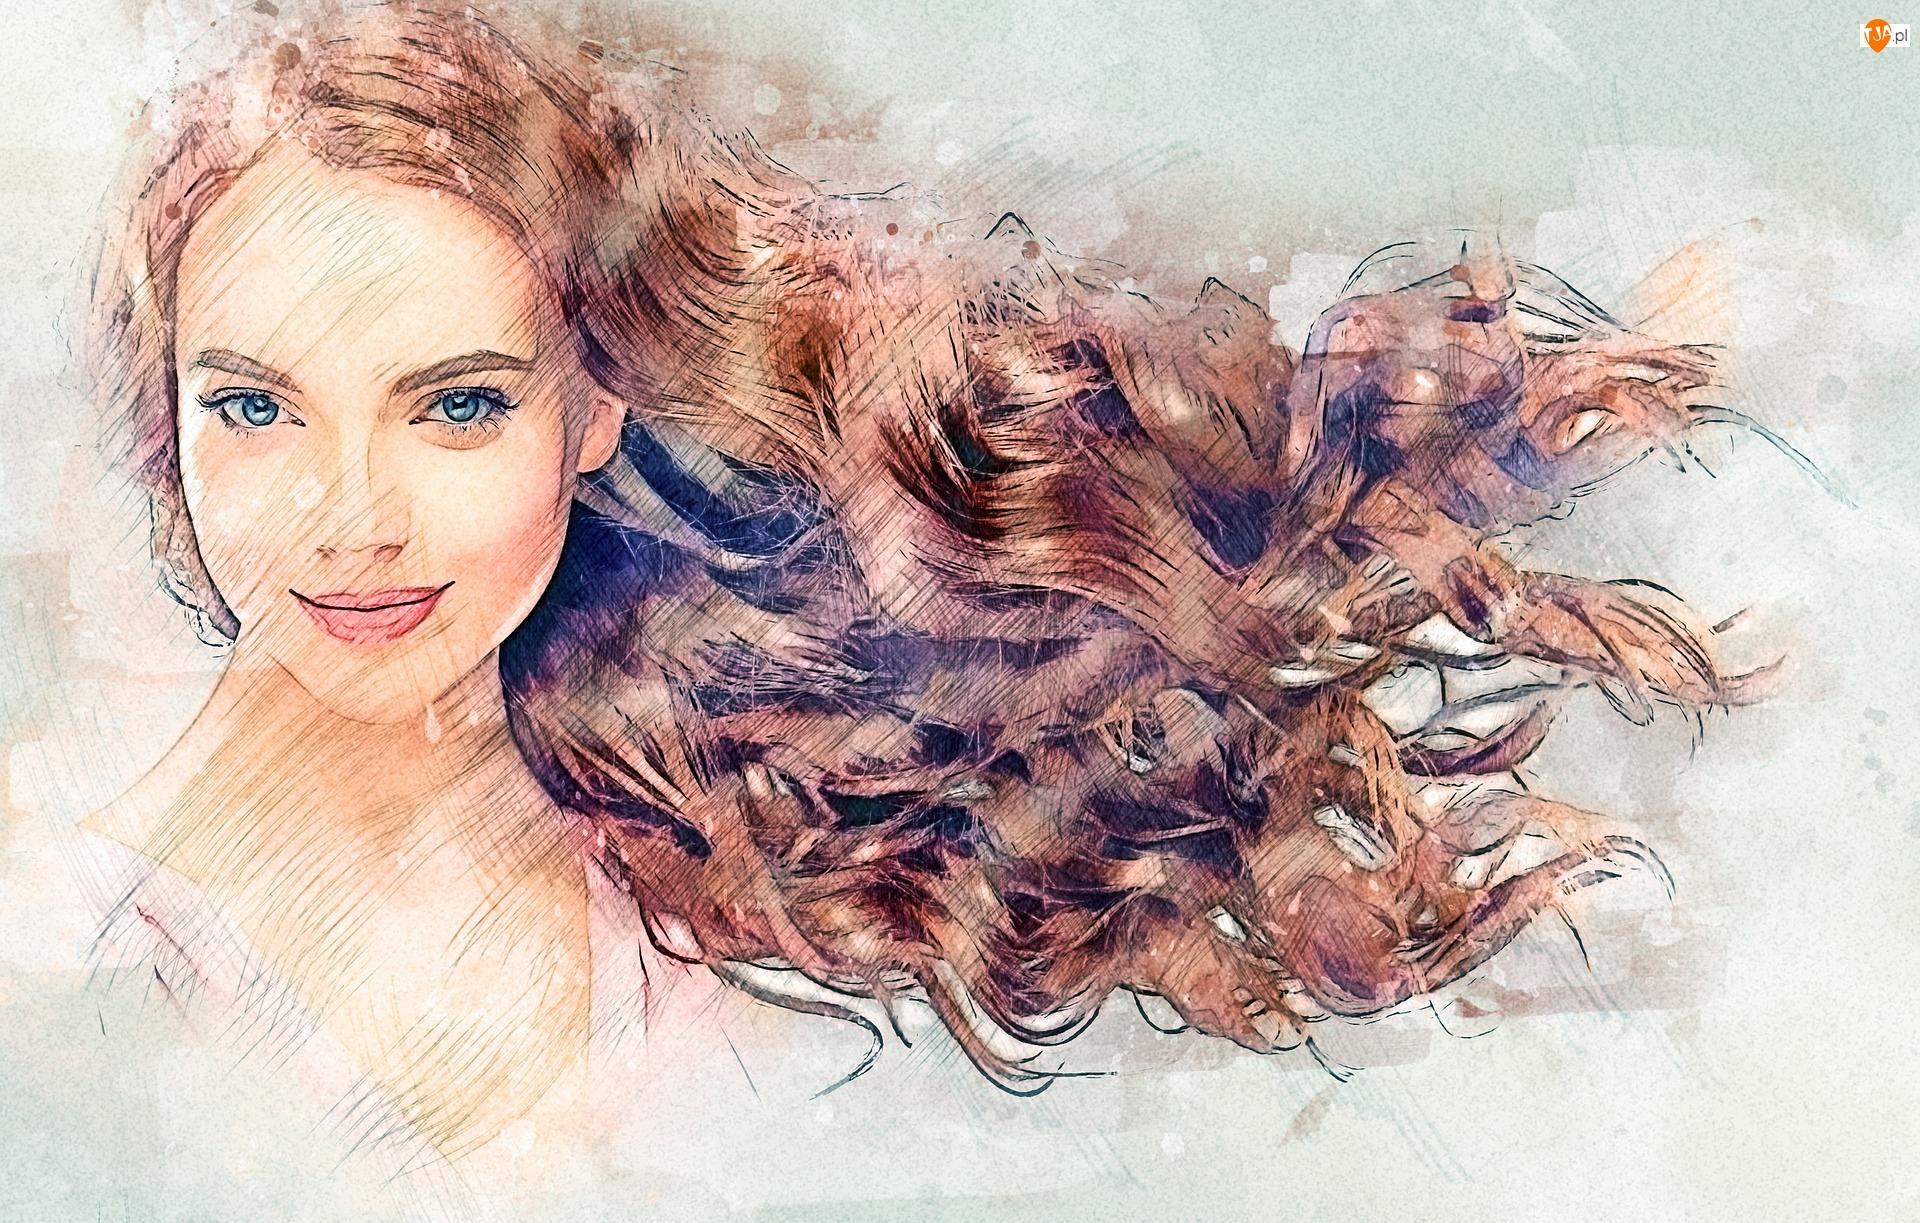 Rude, Włosy, Uśmiech, Kobieta, Grafika, Oczy, Niebieskie